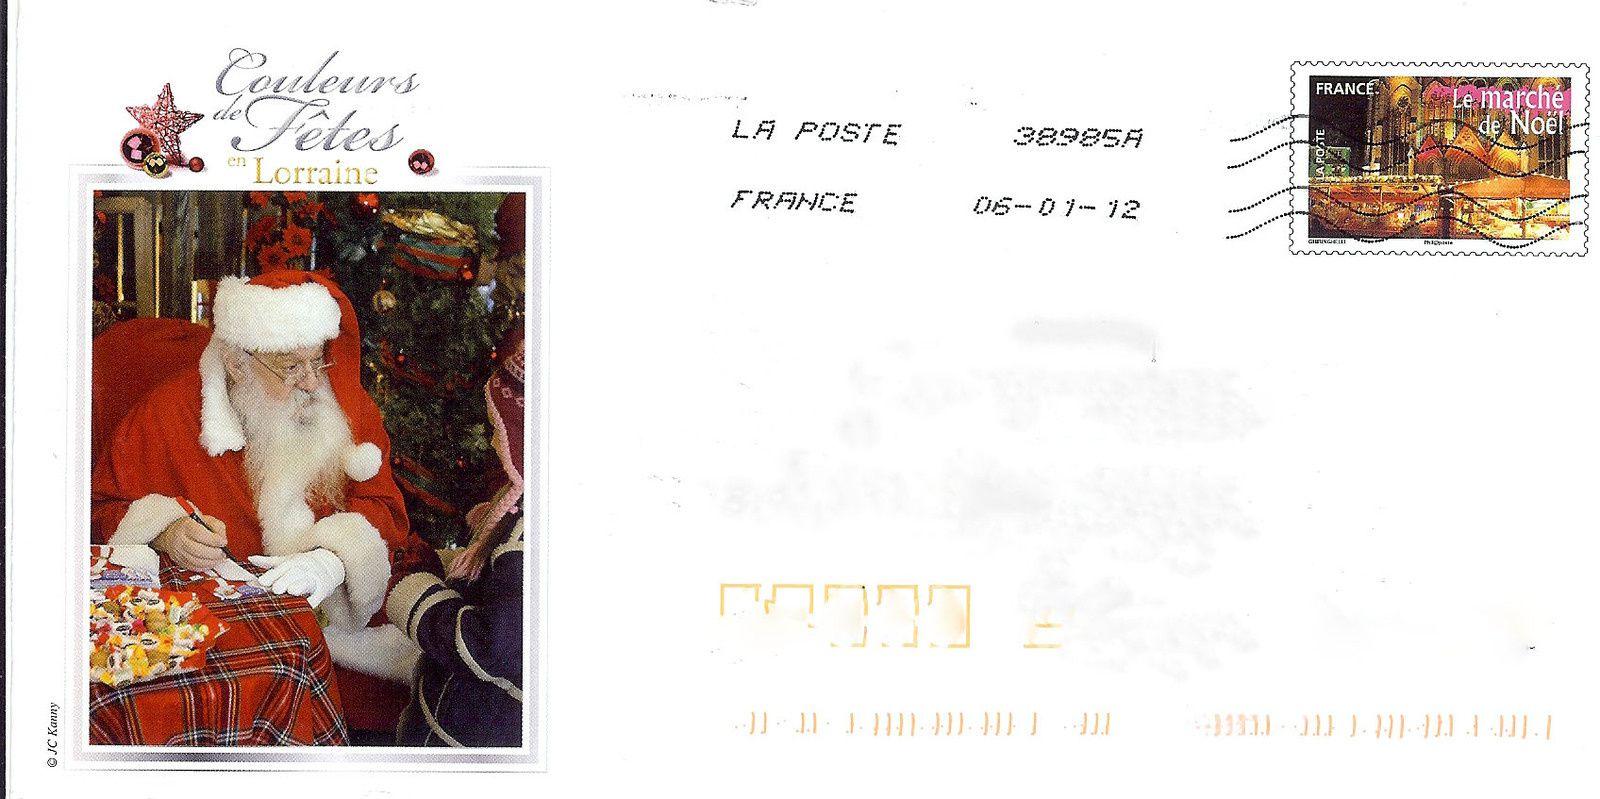 jeu de Khanel : un courrier